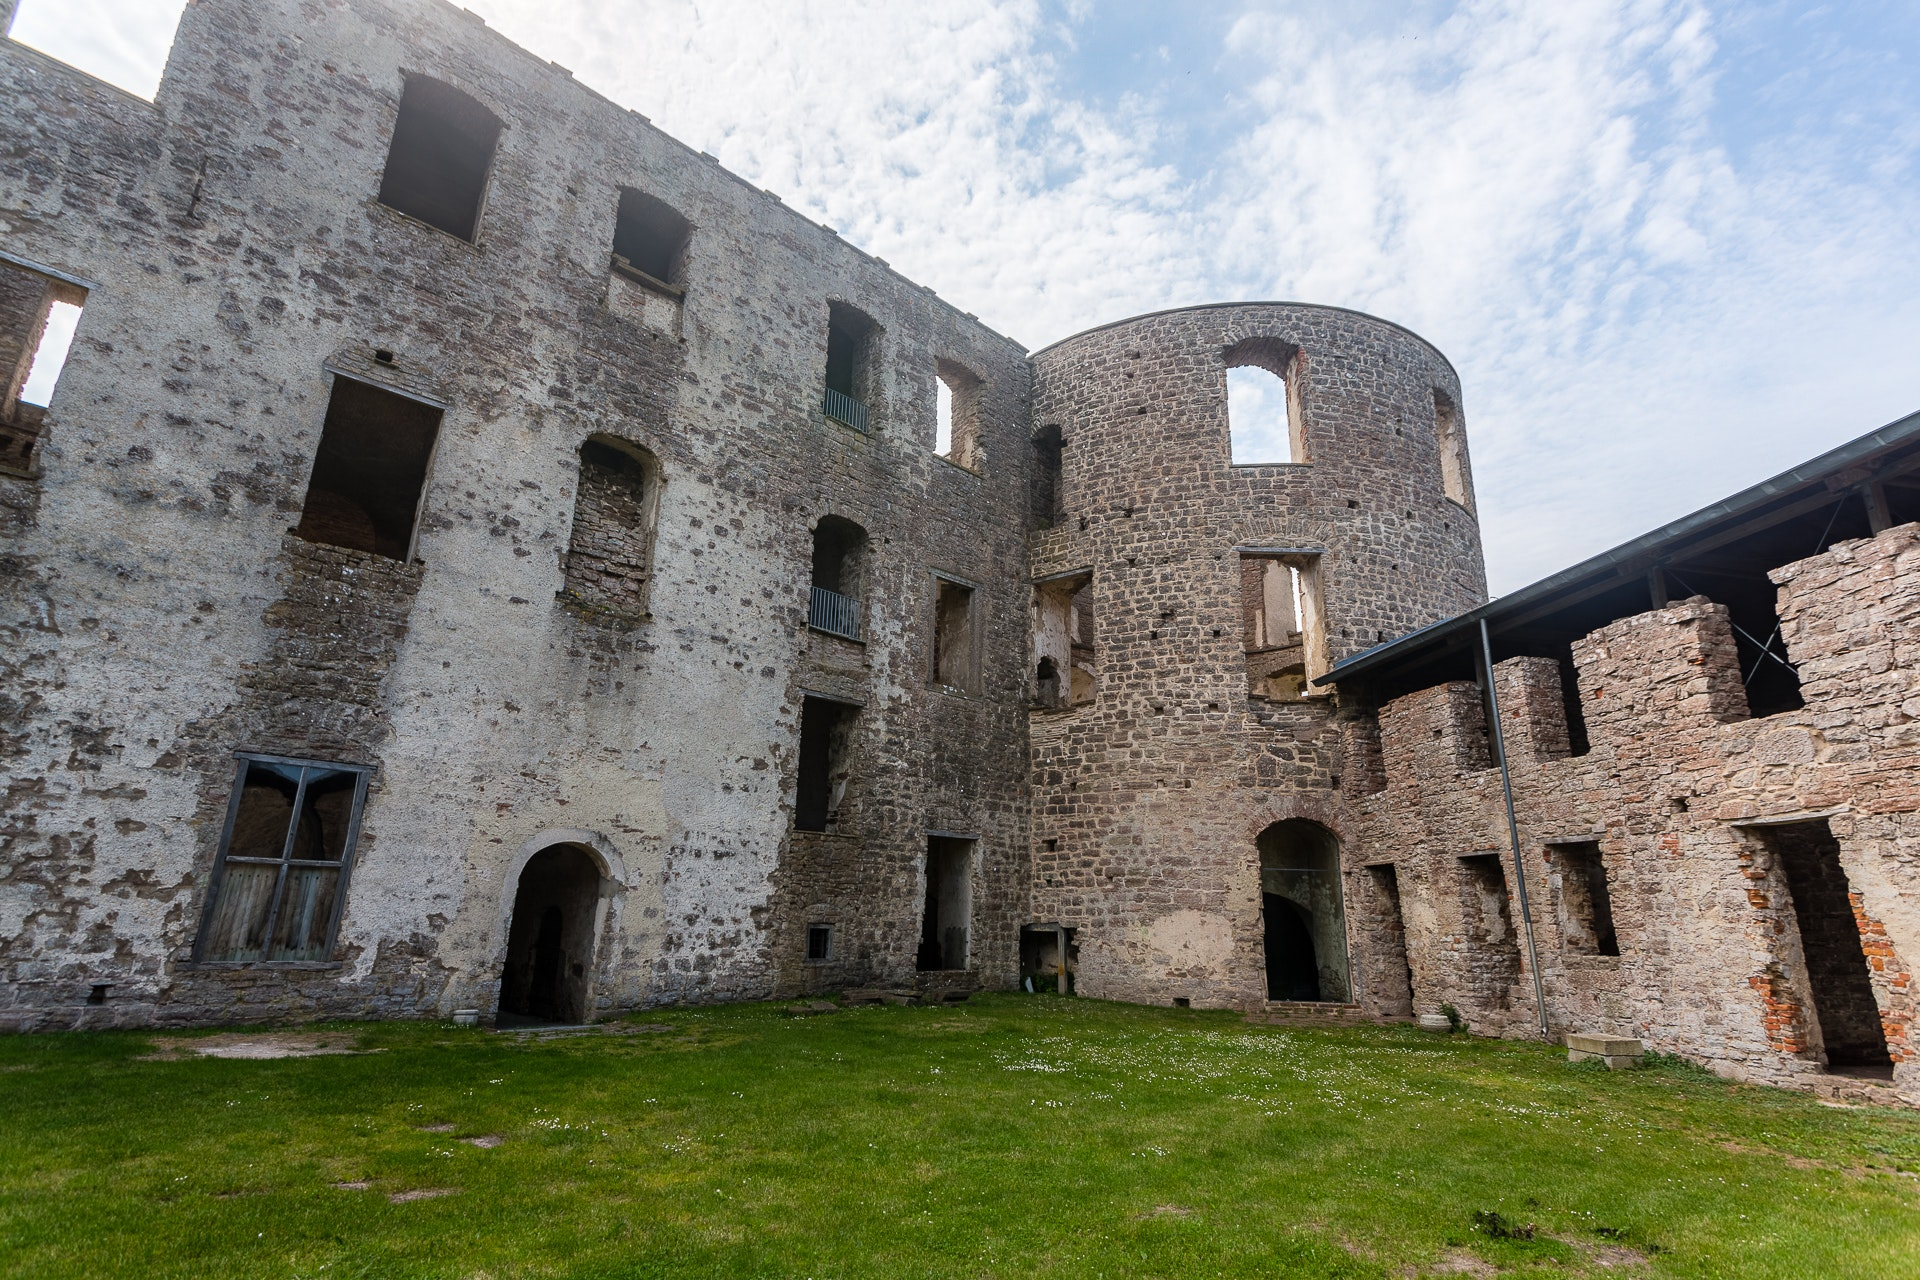 Borgholms Slott Interior